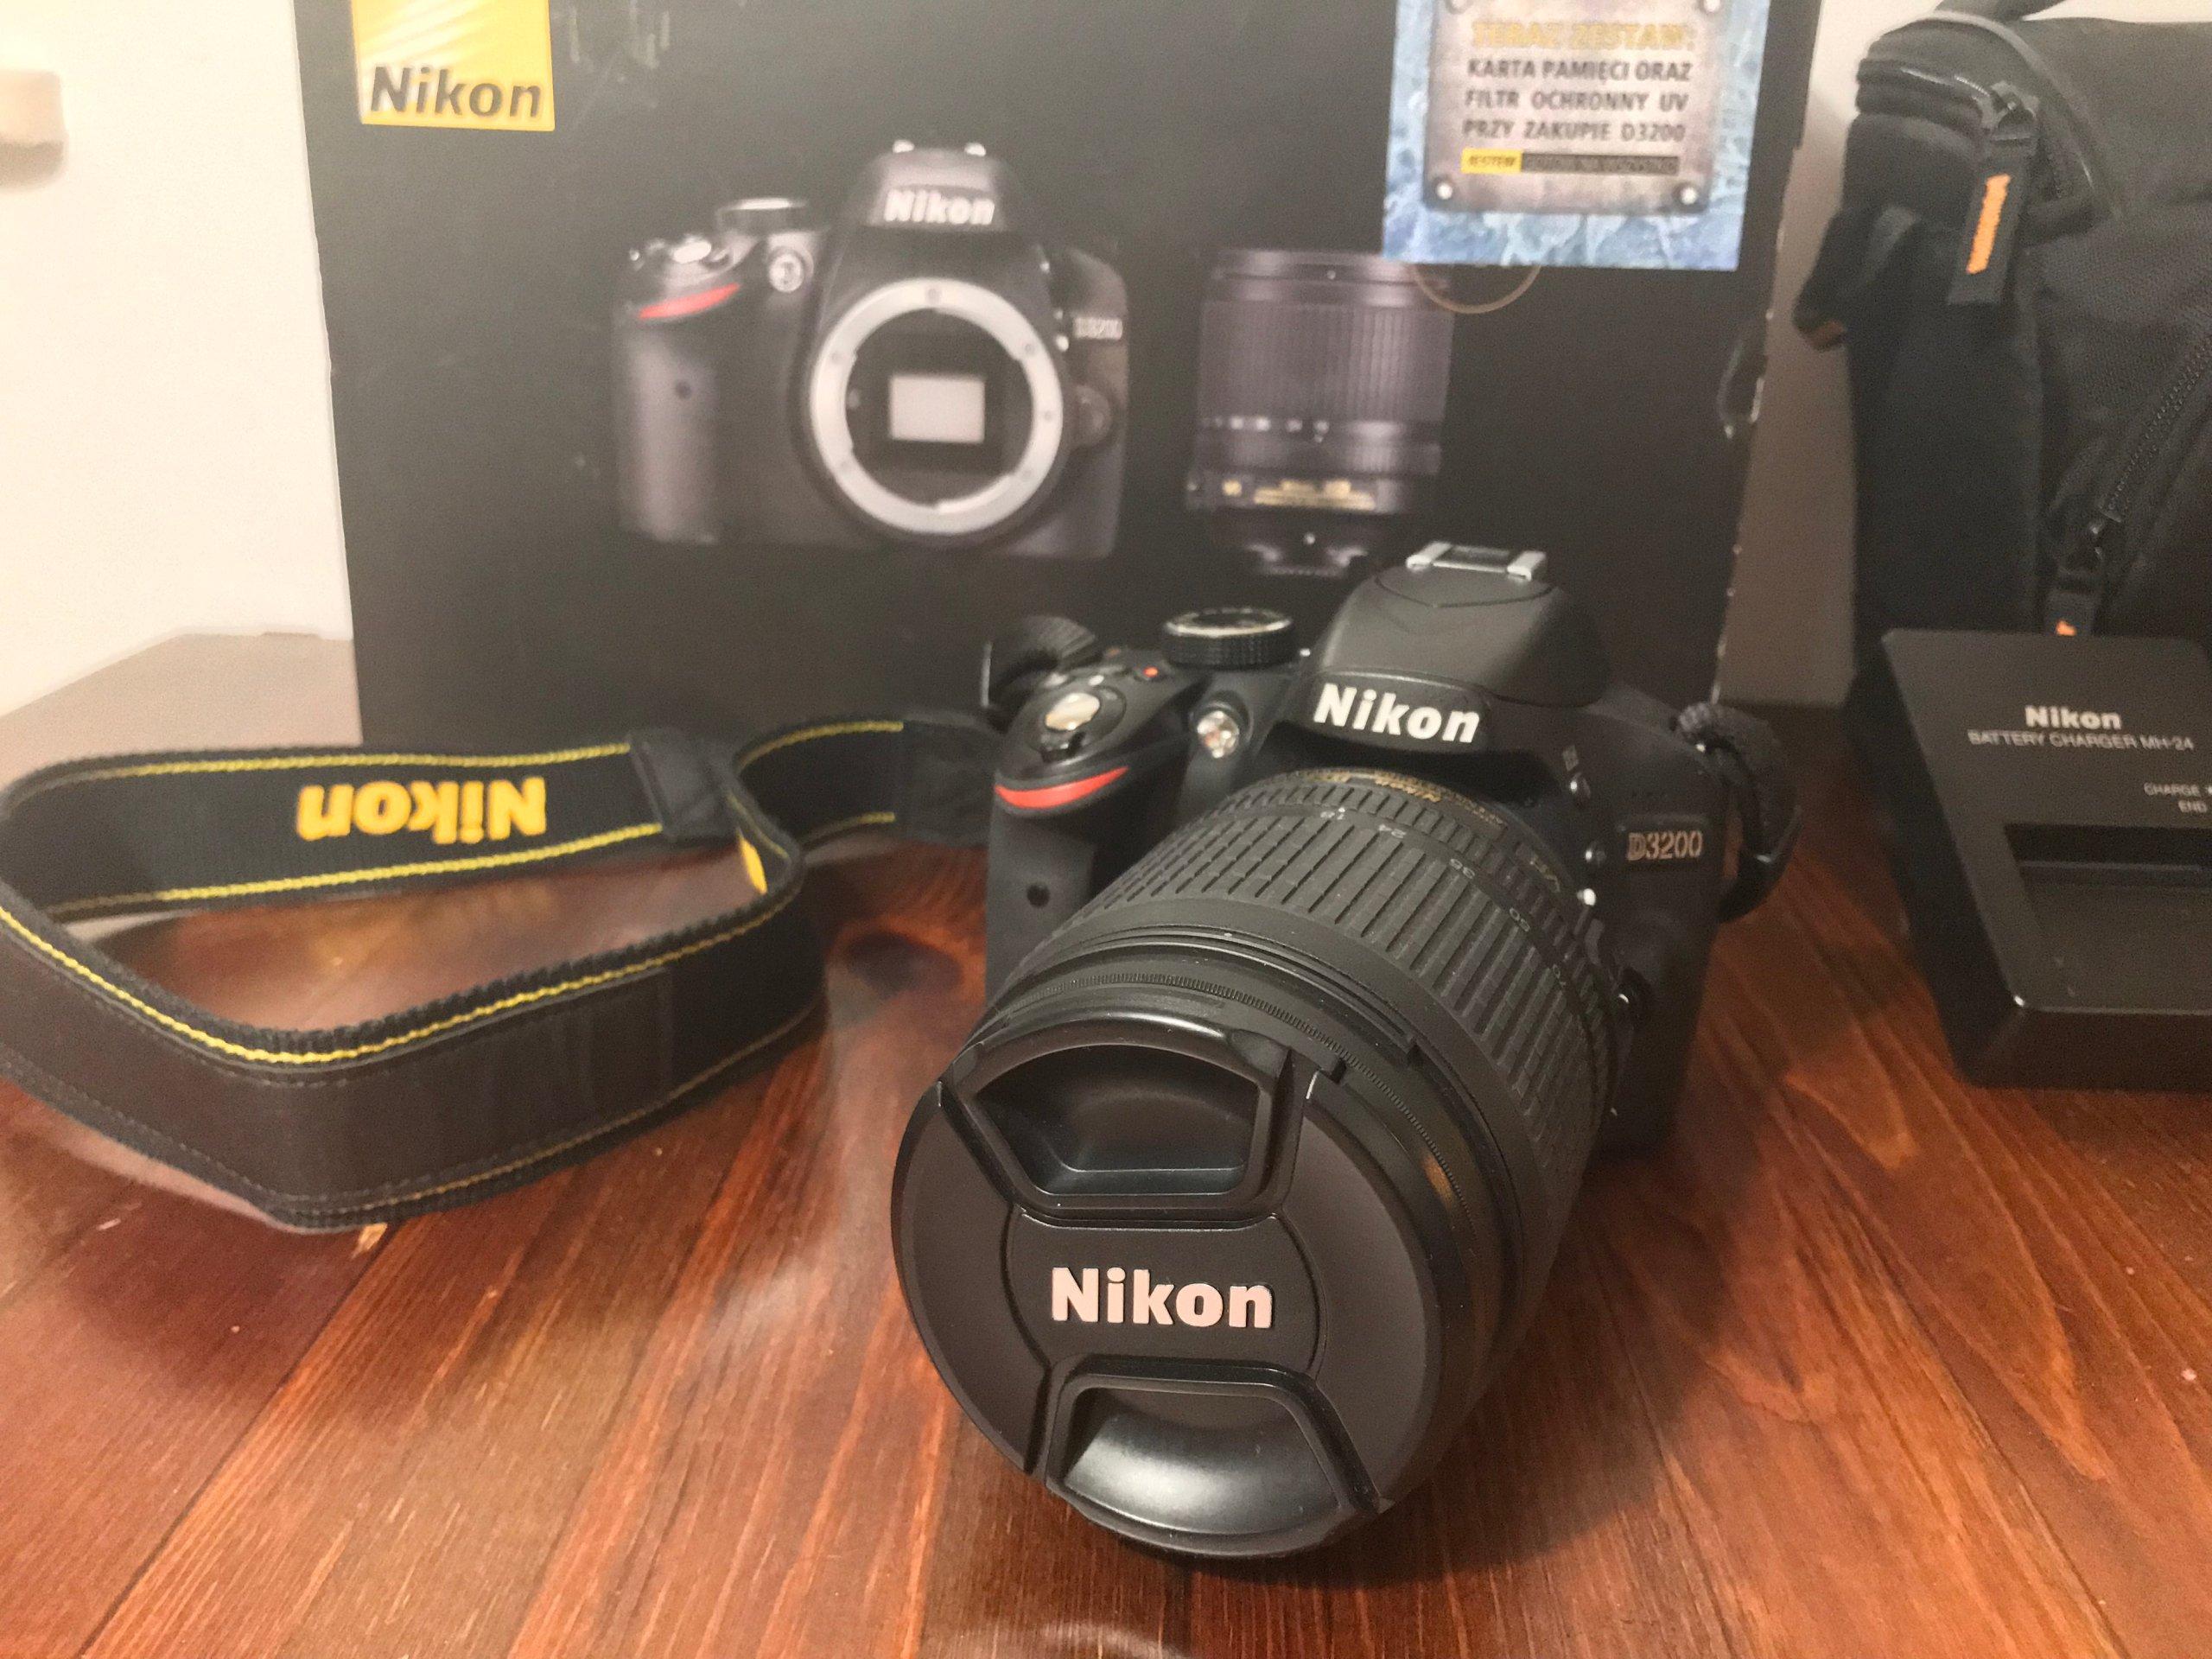 Zupełnie nowe Zestaw Nikon D3200 obiektyw 18-105 VR + akcesoria - 7158747509 TZ05